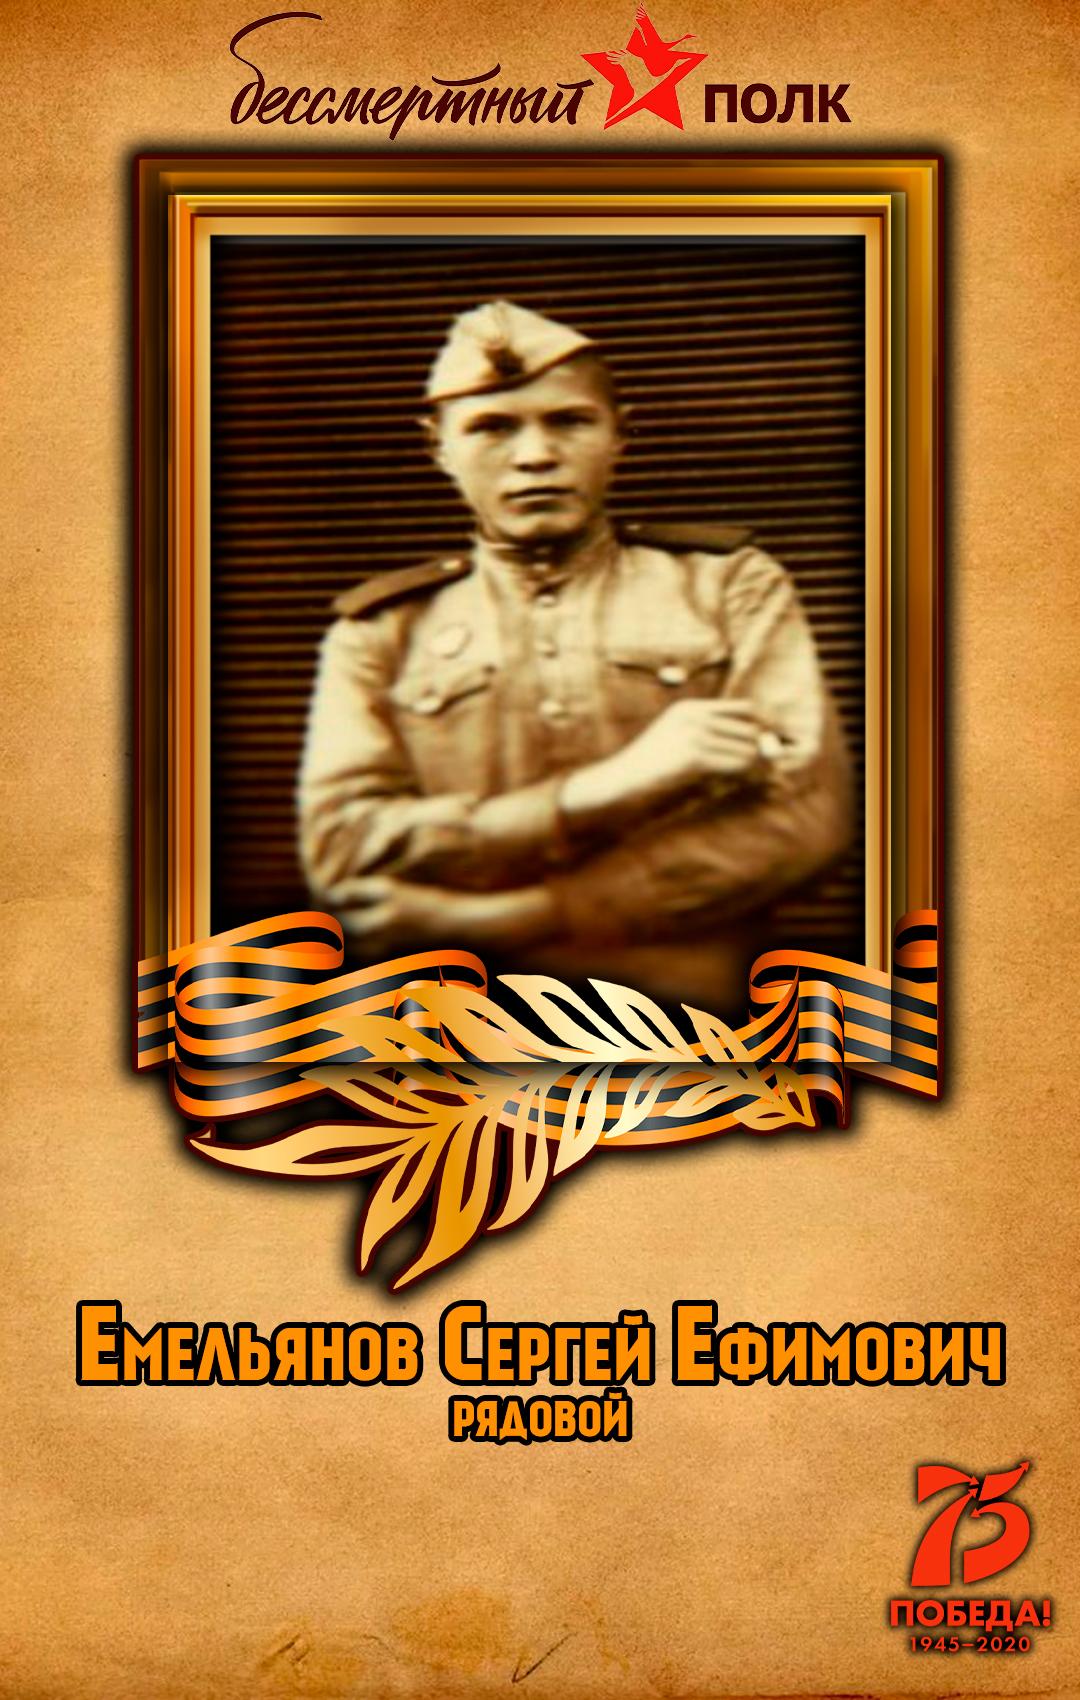 Емельянов-Сергей-Ефимович